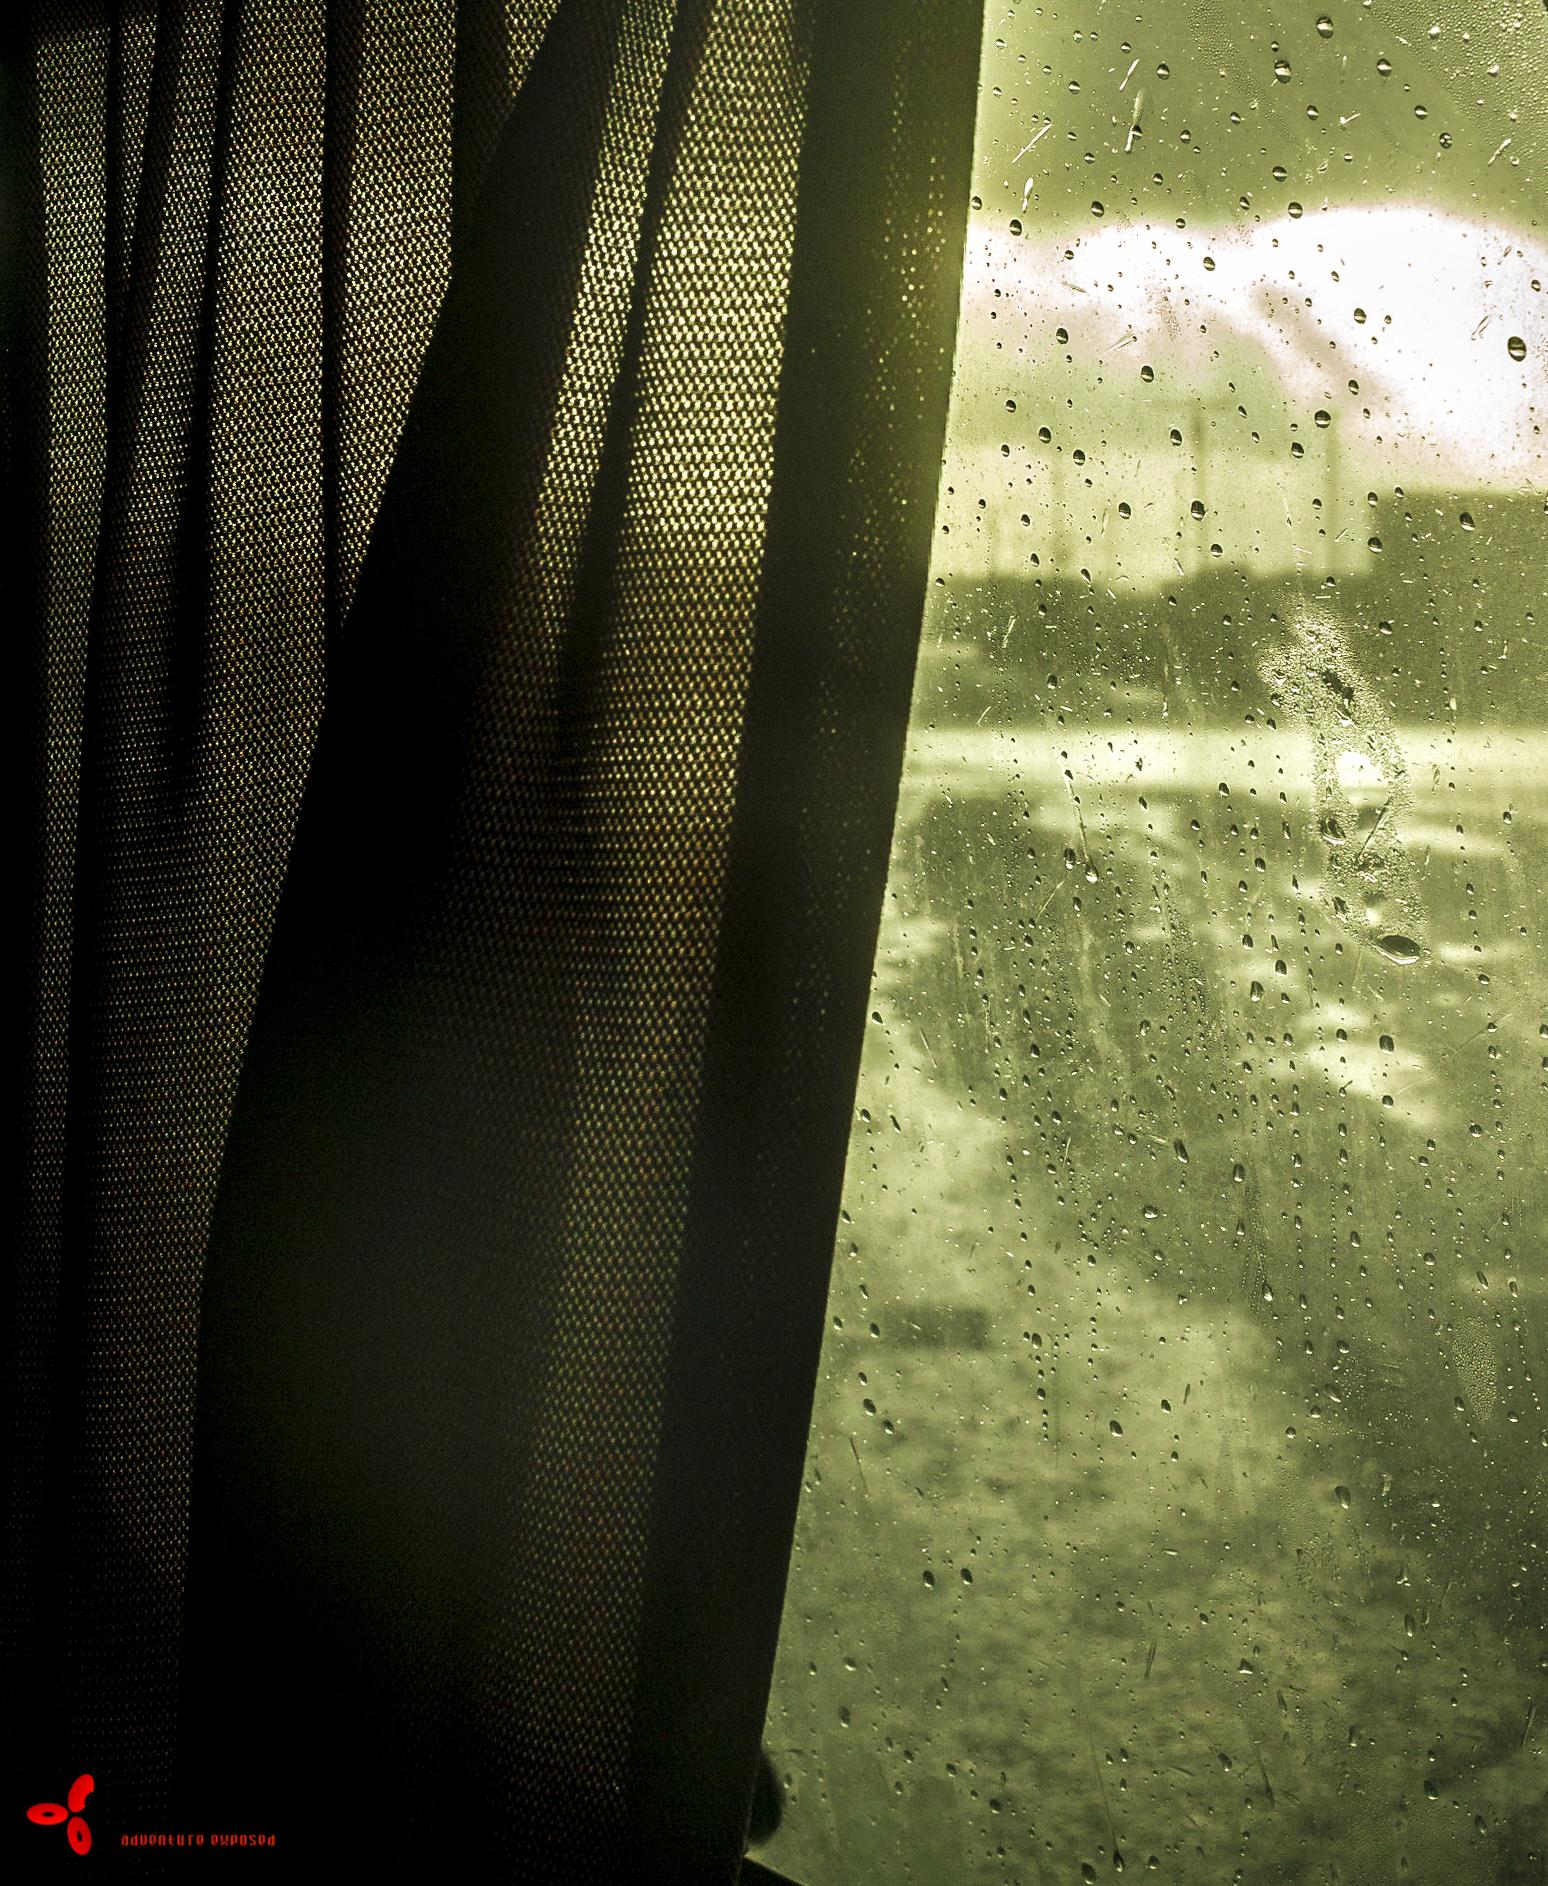 Waking up to more rain.